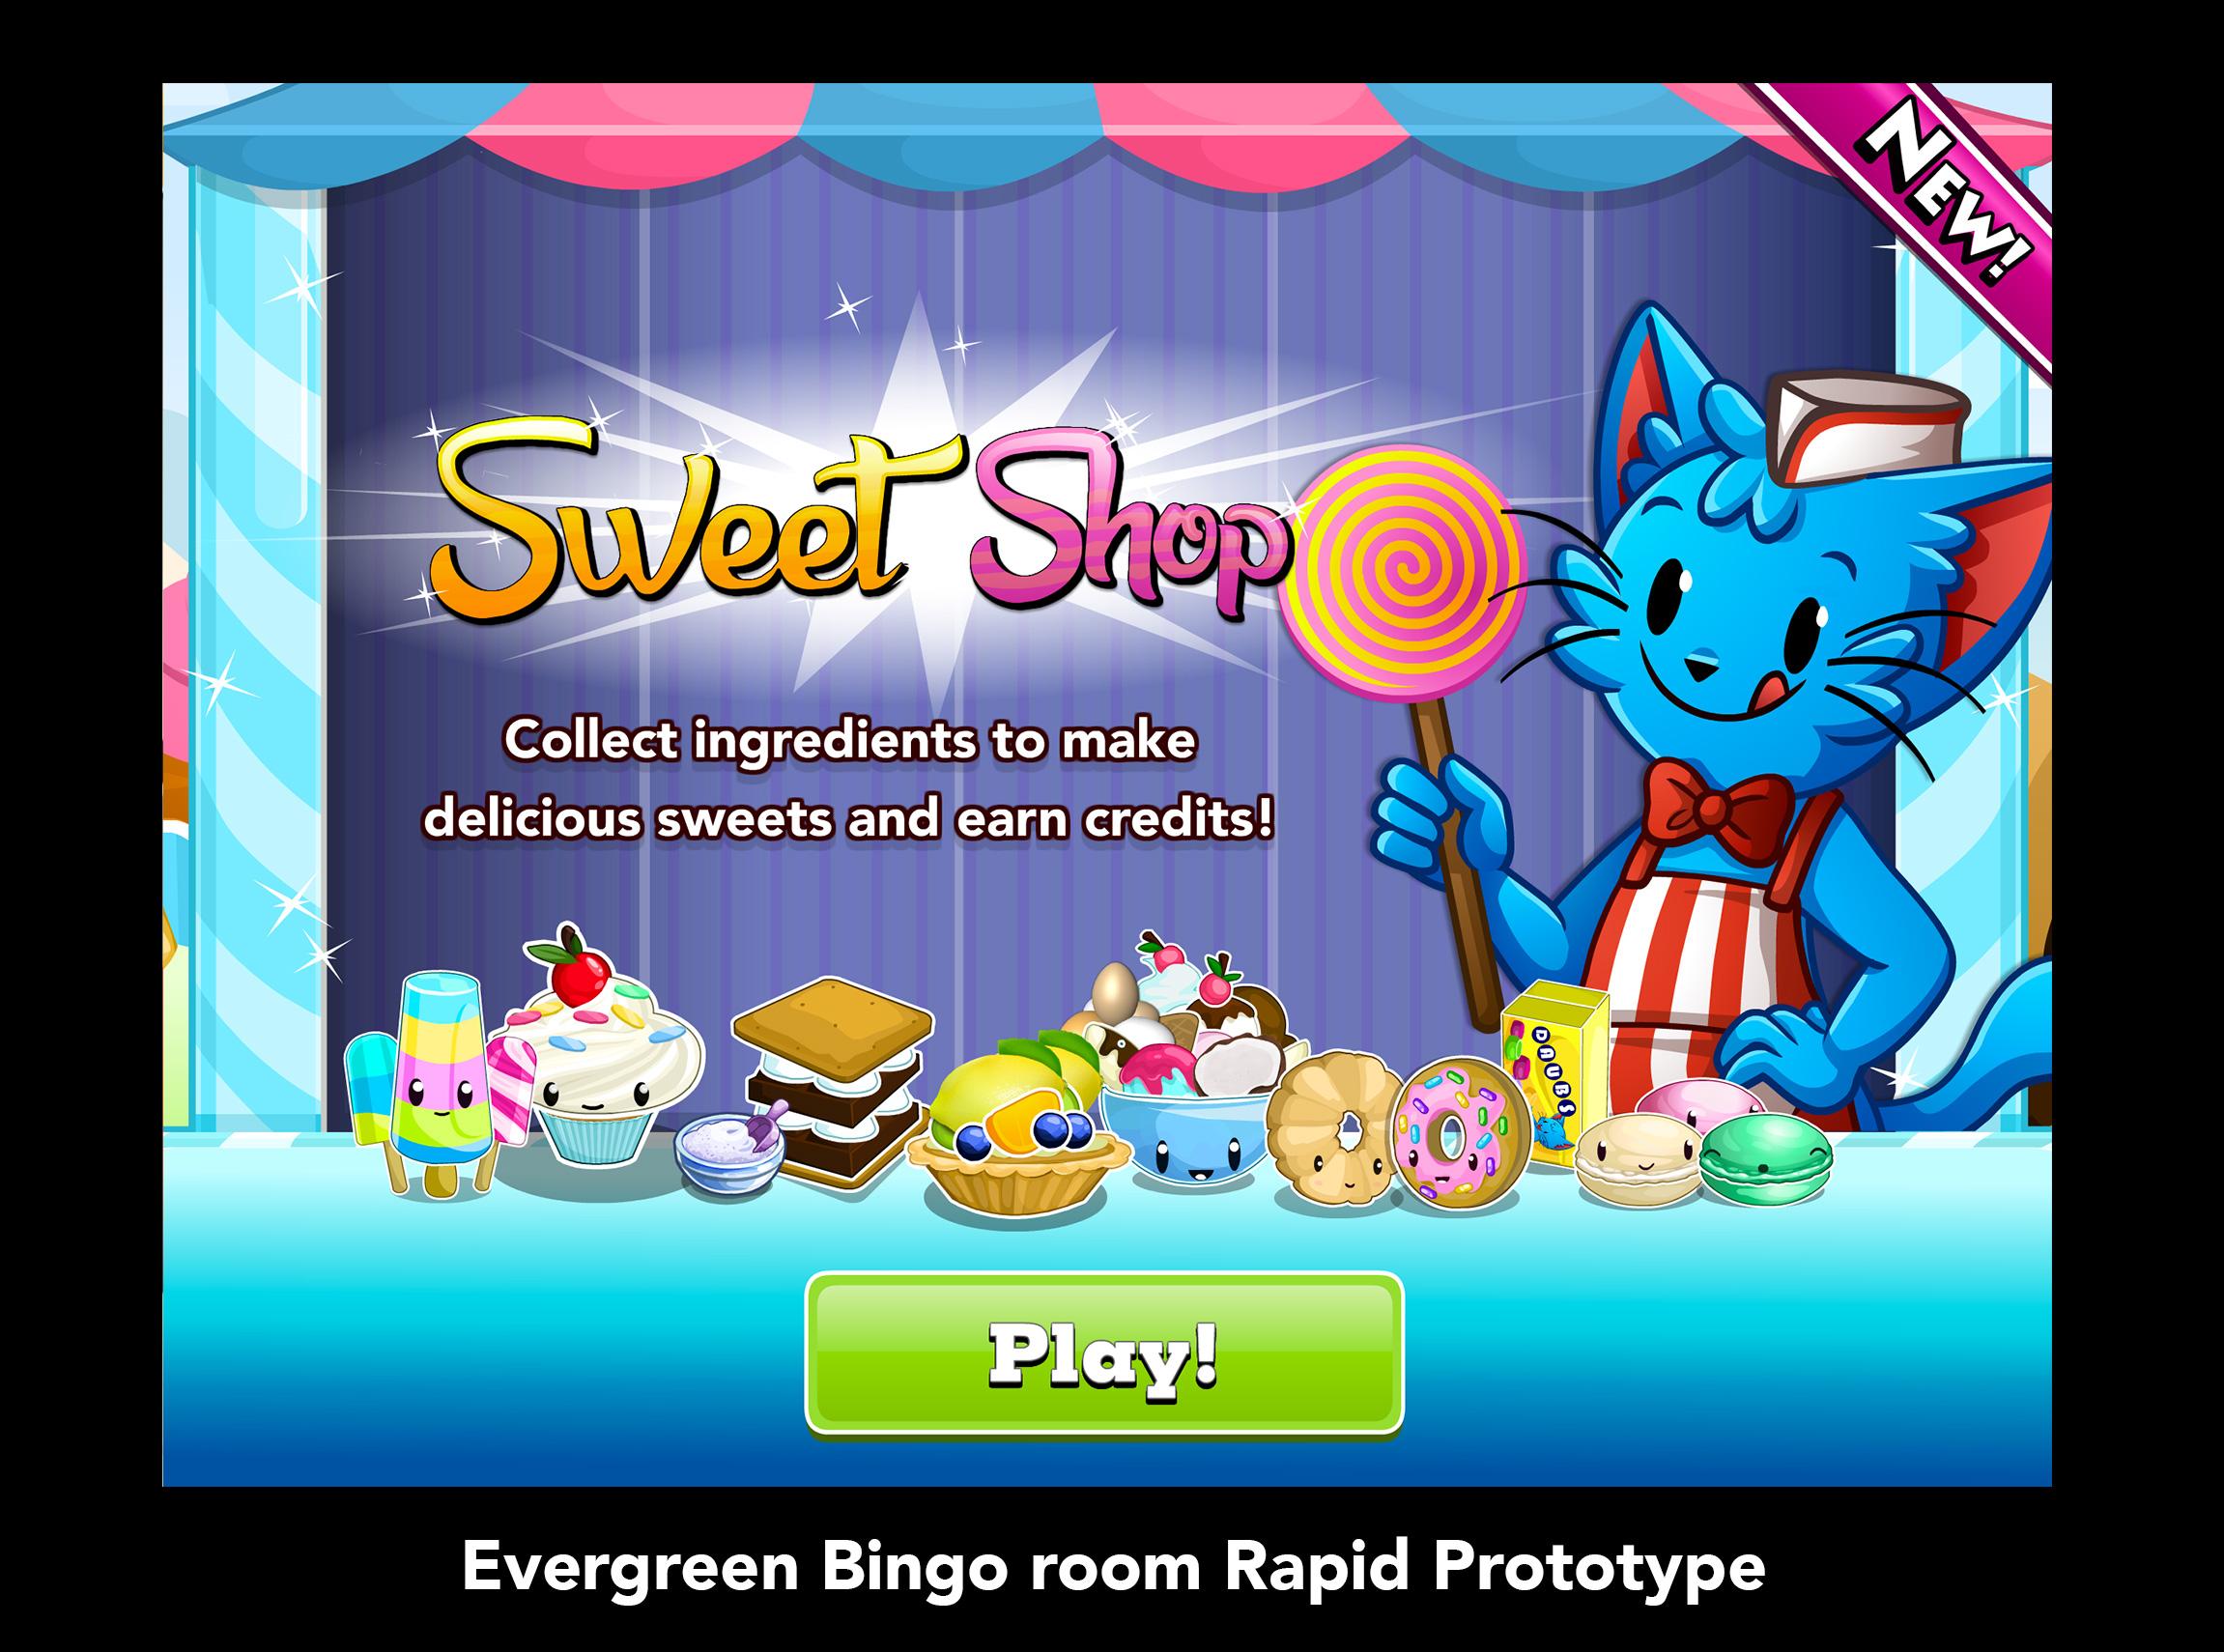 SweetShop_Interstitial.jpg